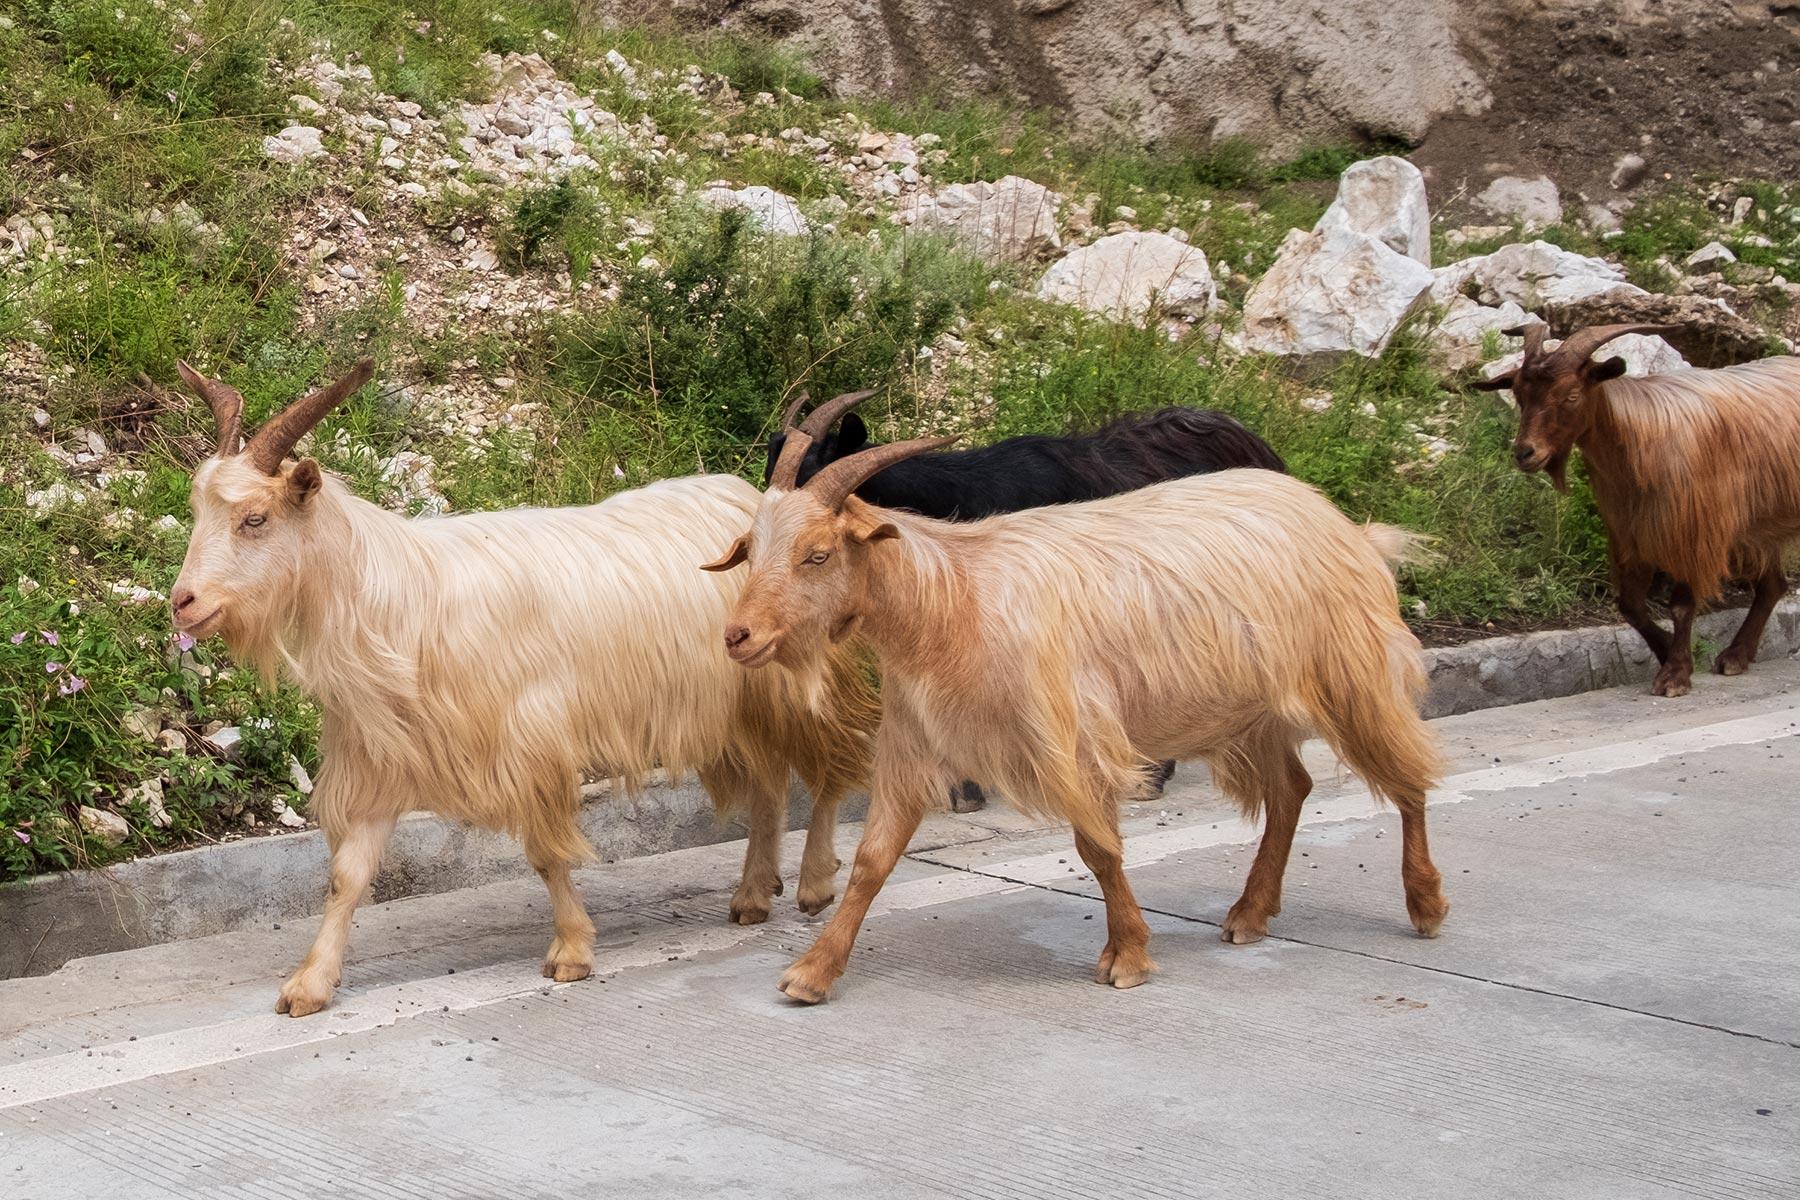 Ziegen auf Straße in China